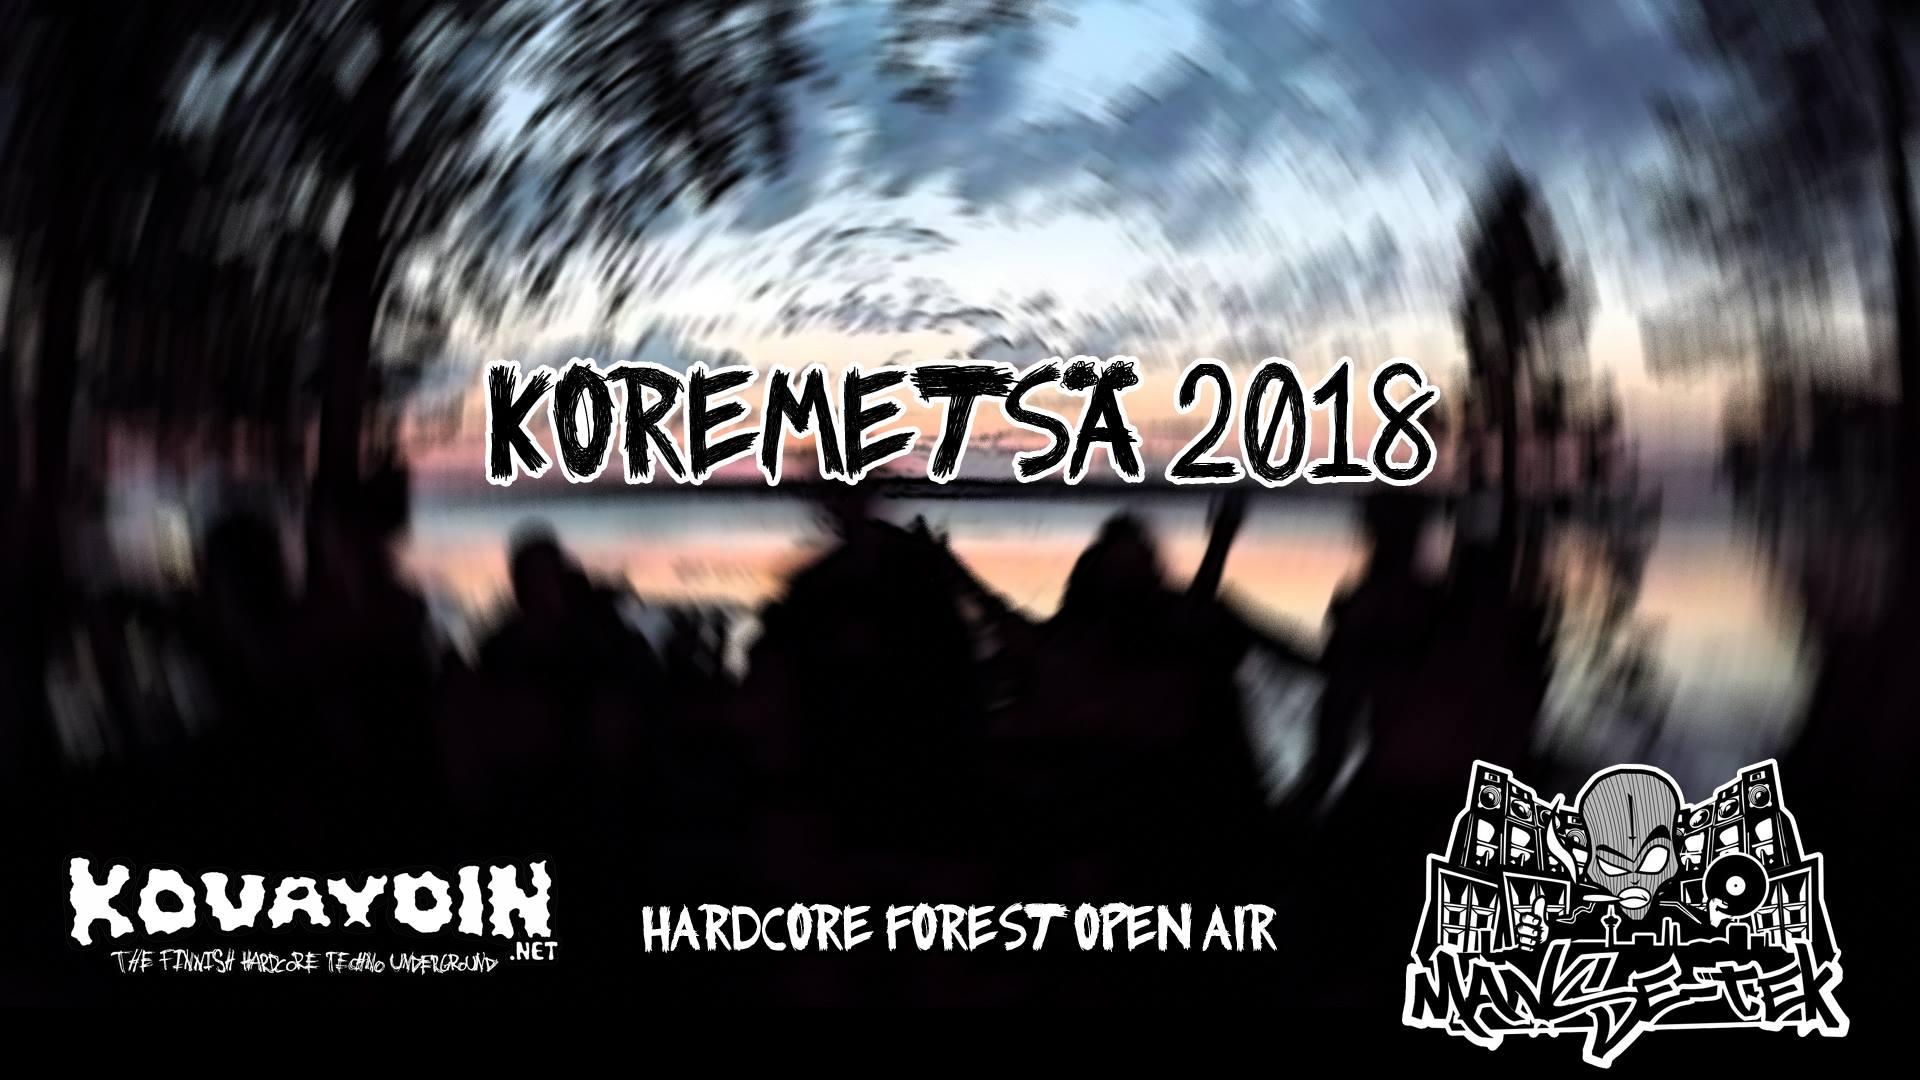 27-29.07.2018, KoreMetsä 2018 @ UG, Tampere (FI)